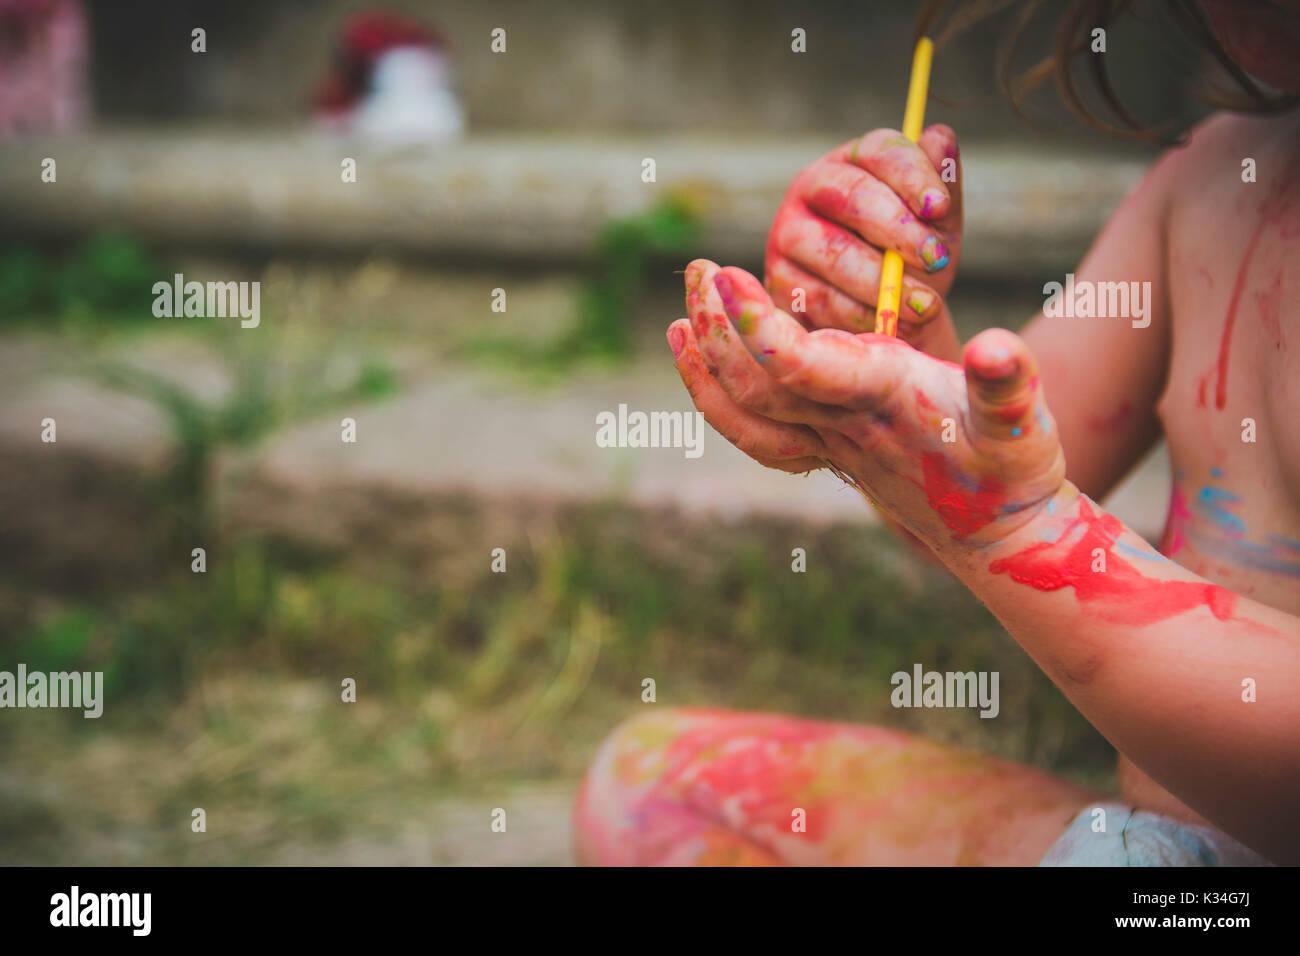 Ein Kind malt auf ihre Hand. Stockbild